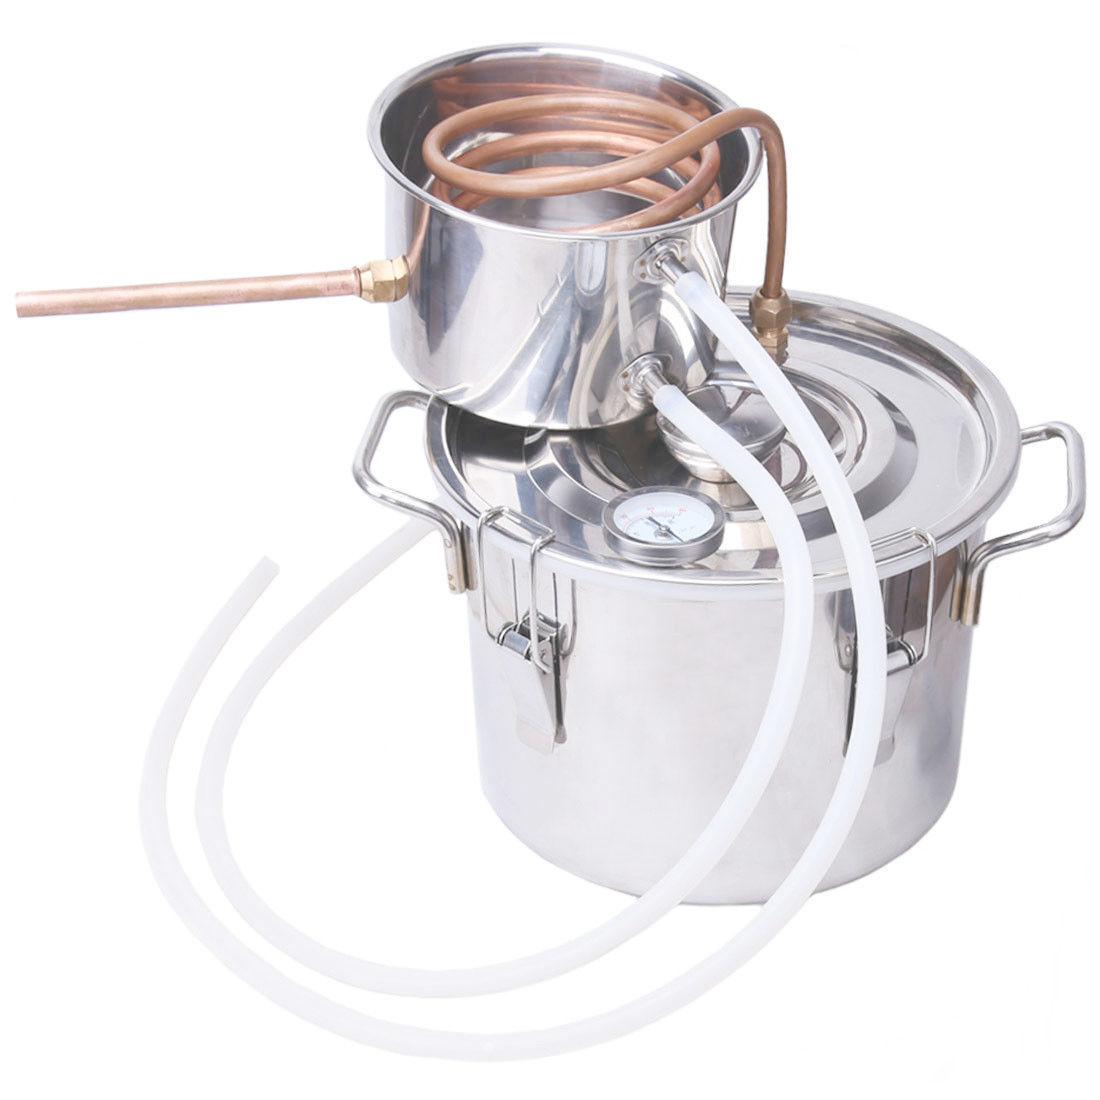 2 3 5 8 Gal Alcohol Ethanol Still Spirits Boiler Water Distiller Distillation